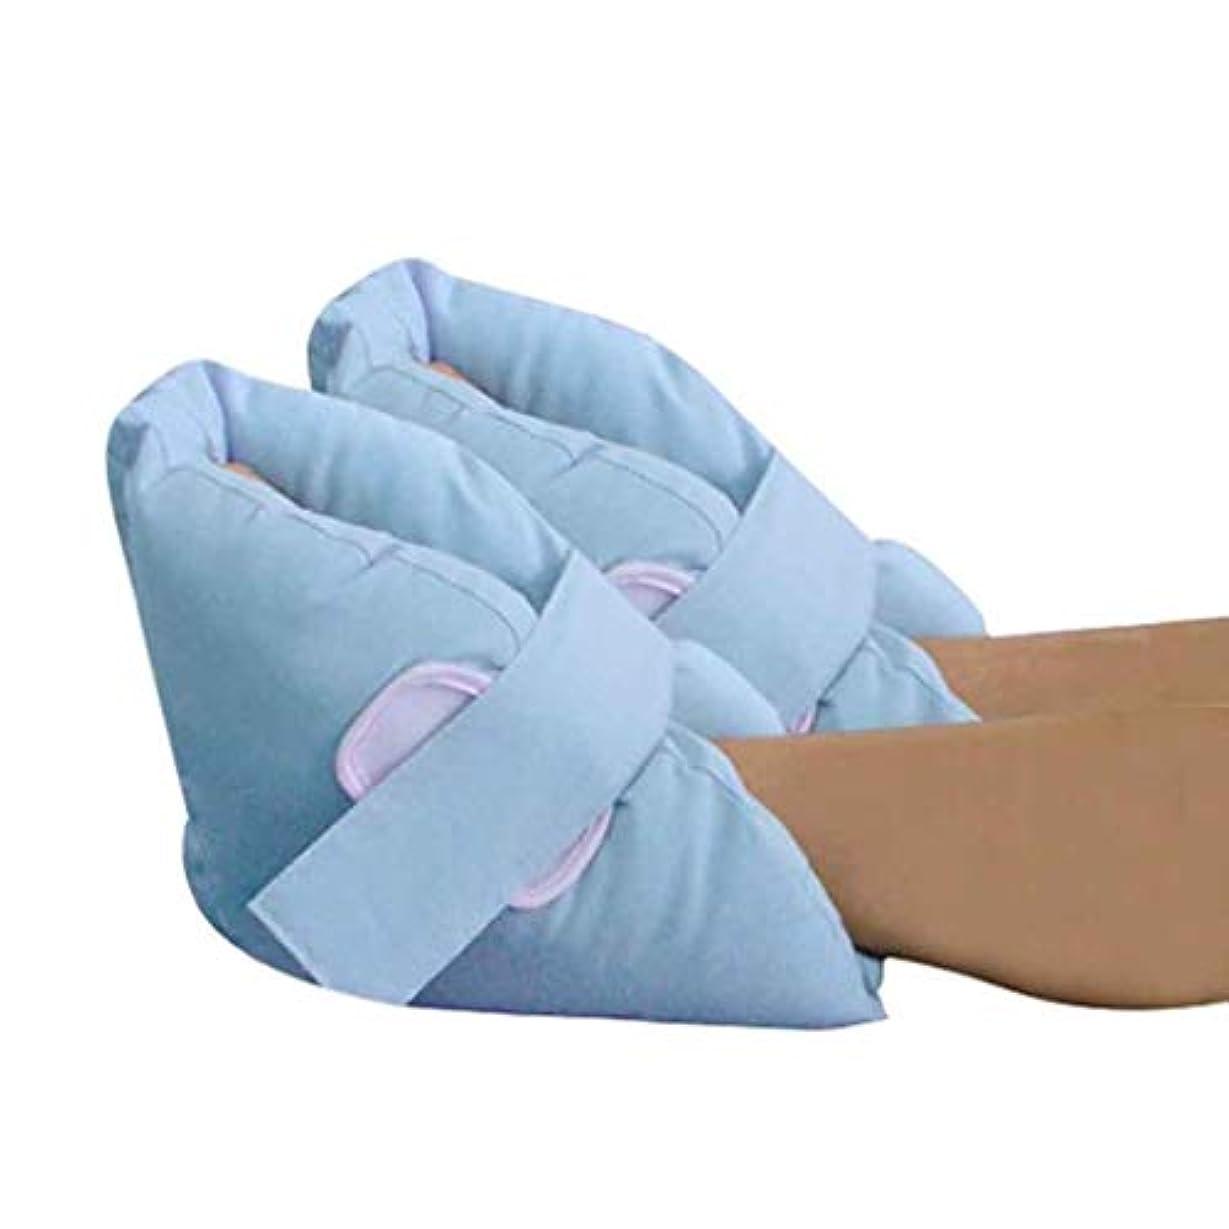 動機付ける乗り出すピービッシュヒールクッションプロテクター、足と足首の枕パッド-ヒール保護ブーツガード-足、肘、かかとベッドを保護します。